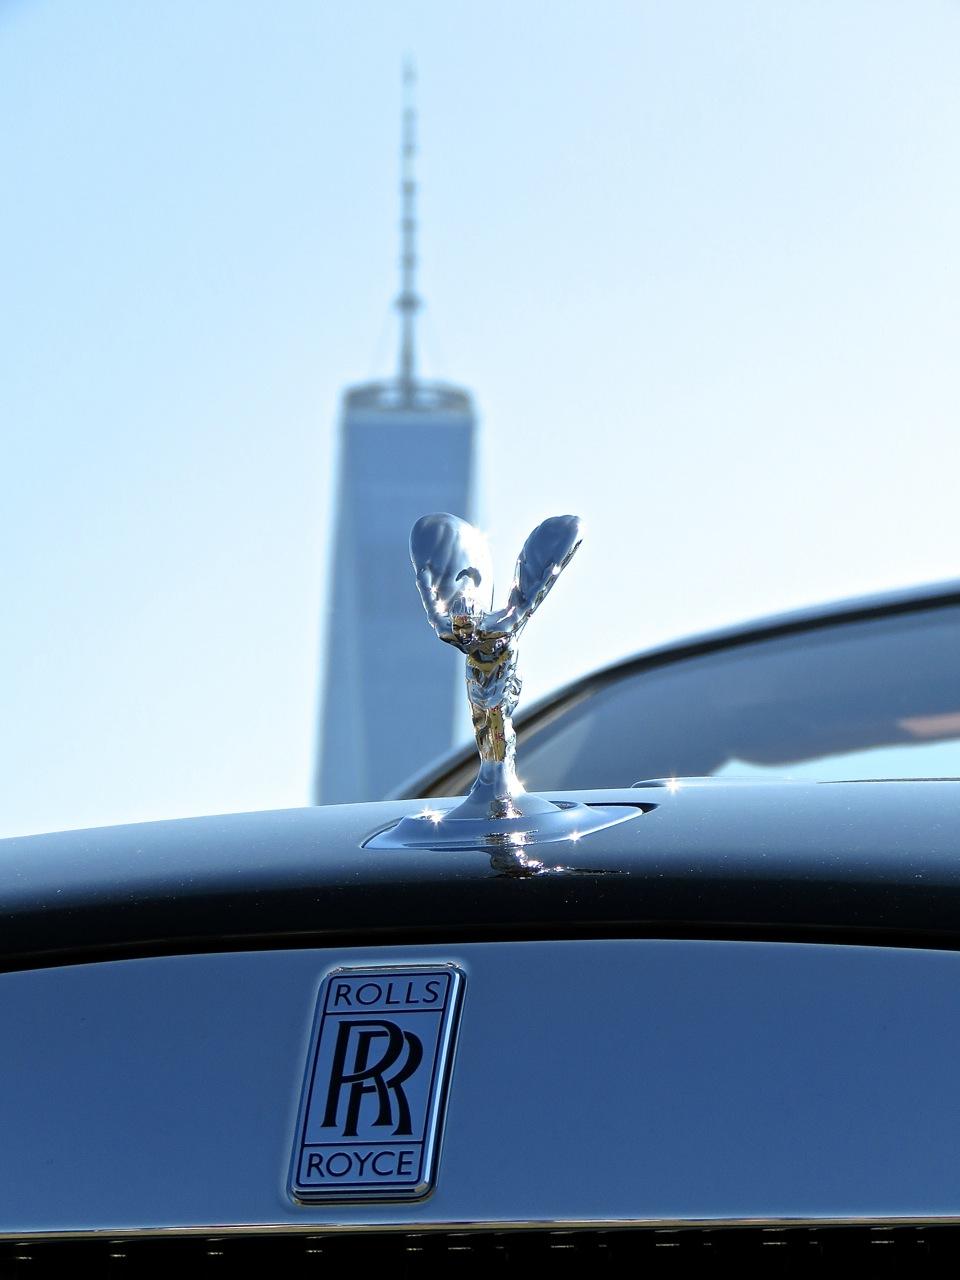 Rolls Royce Freedom Tower